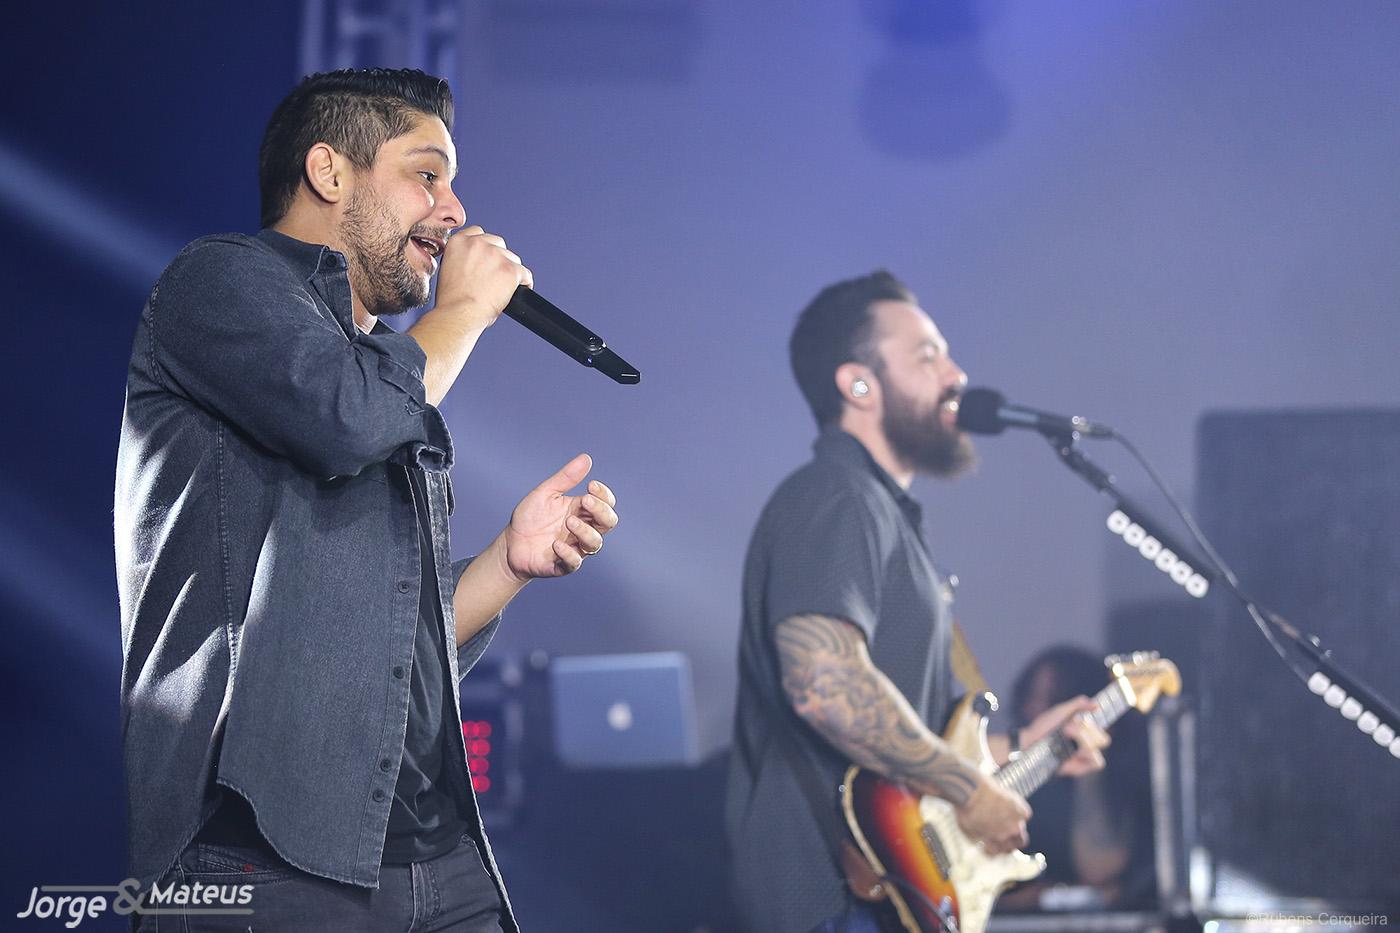 Jorge & Mateus fazem turnê internacional 41